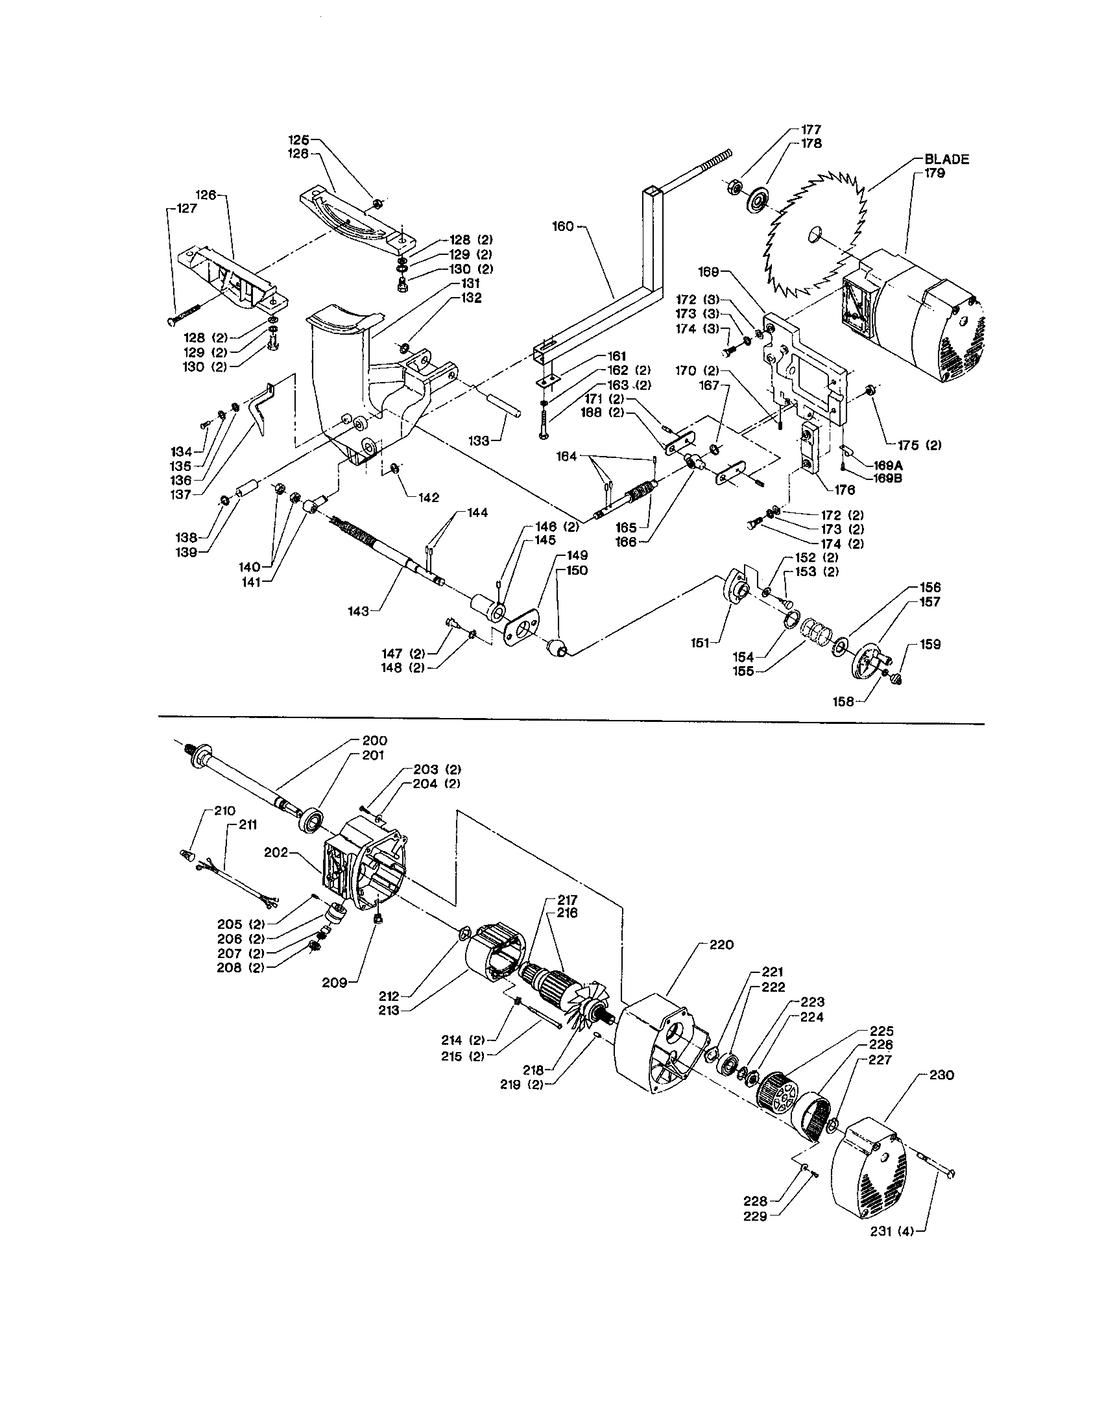 dc motor drawing at getdrawings com